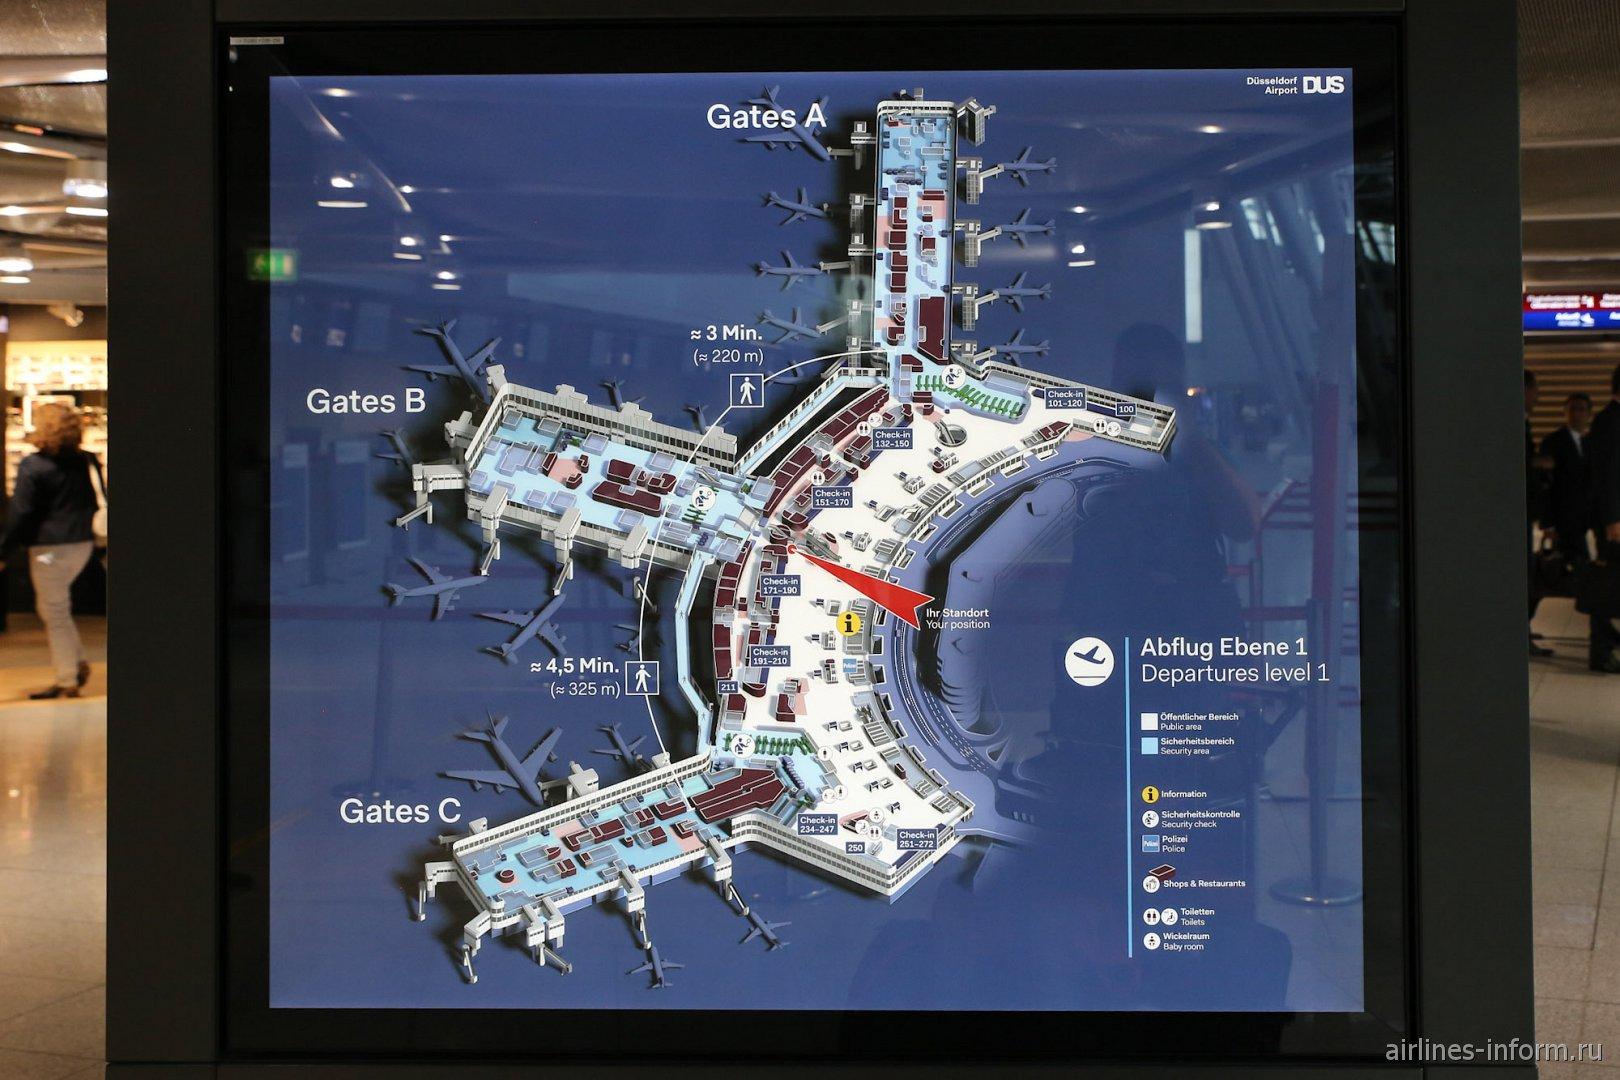 Схема пассажирского терминала аэропорта Дюссельдорф